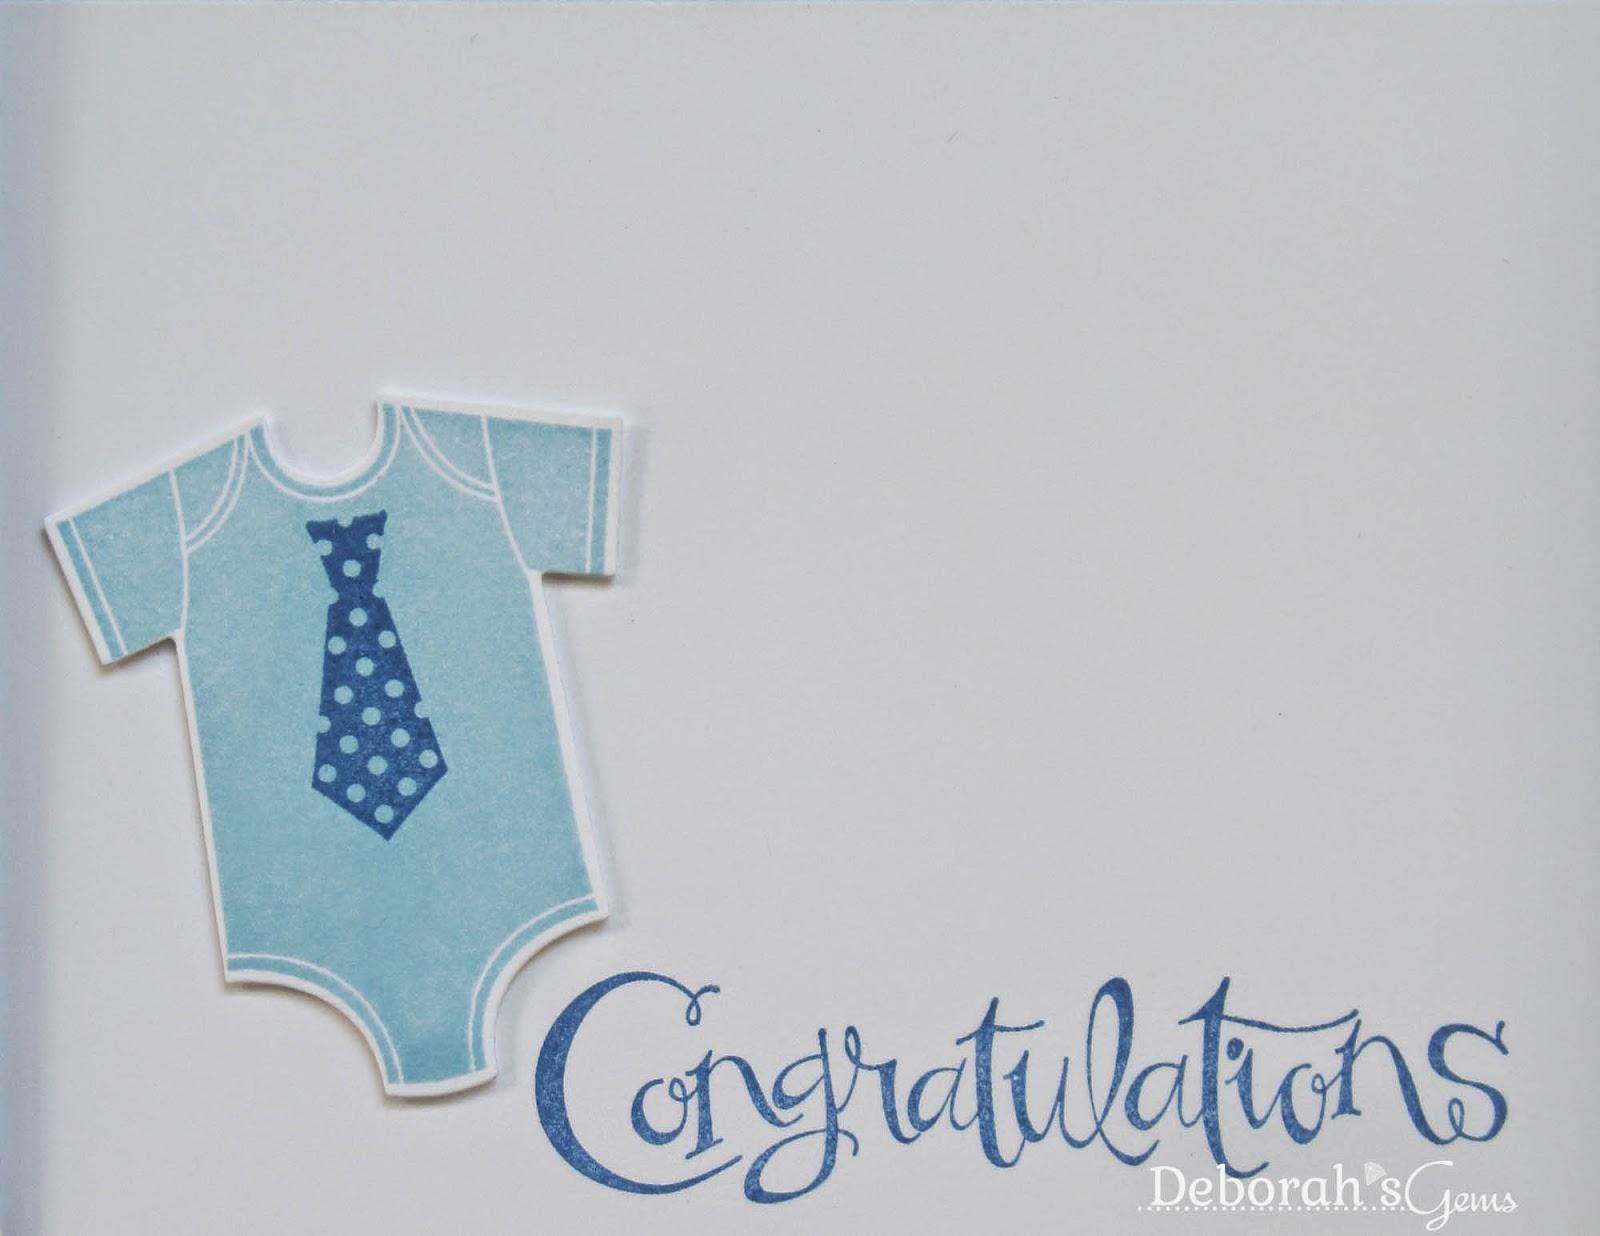 Congrats - photo by Deborah Frings - Deborah's Gems